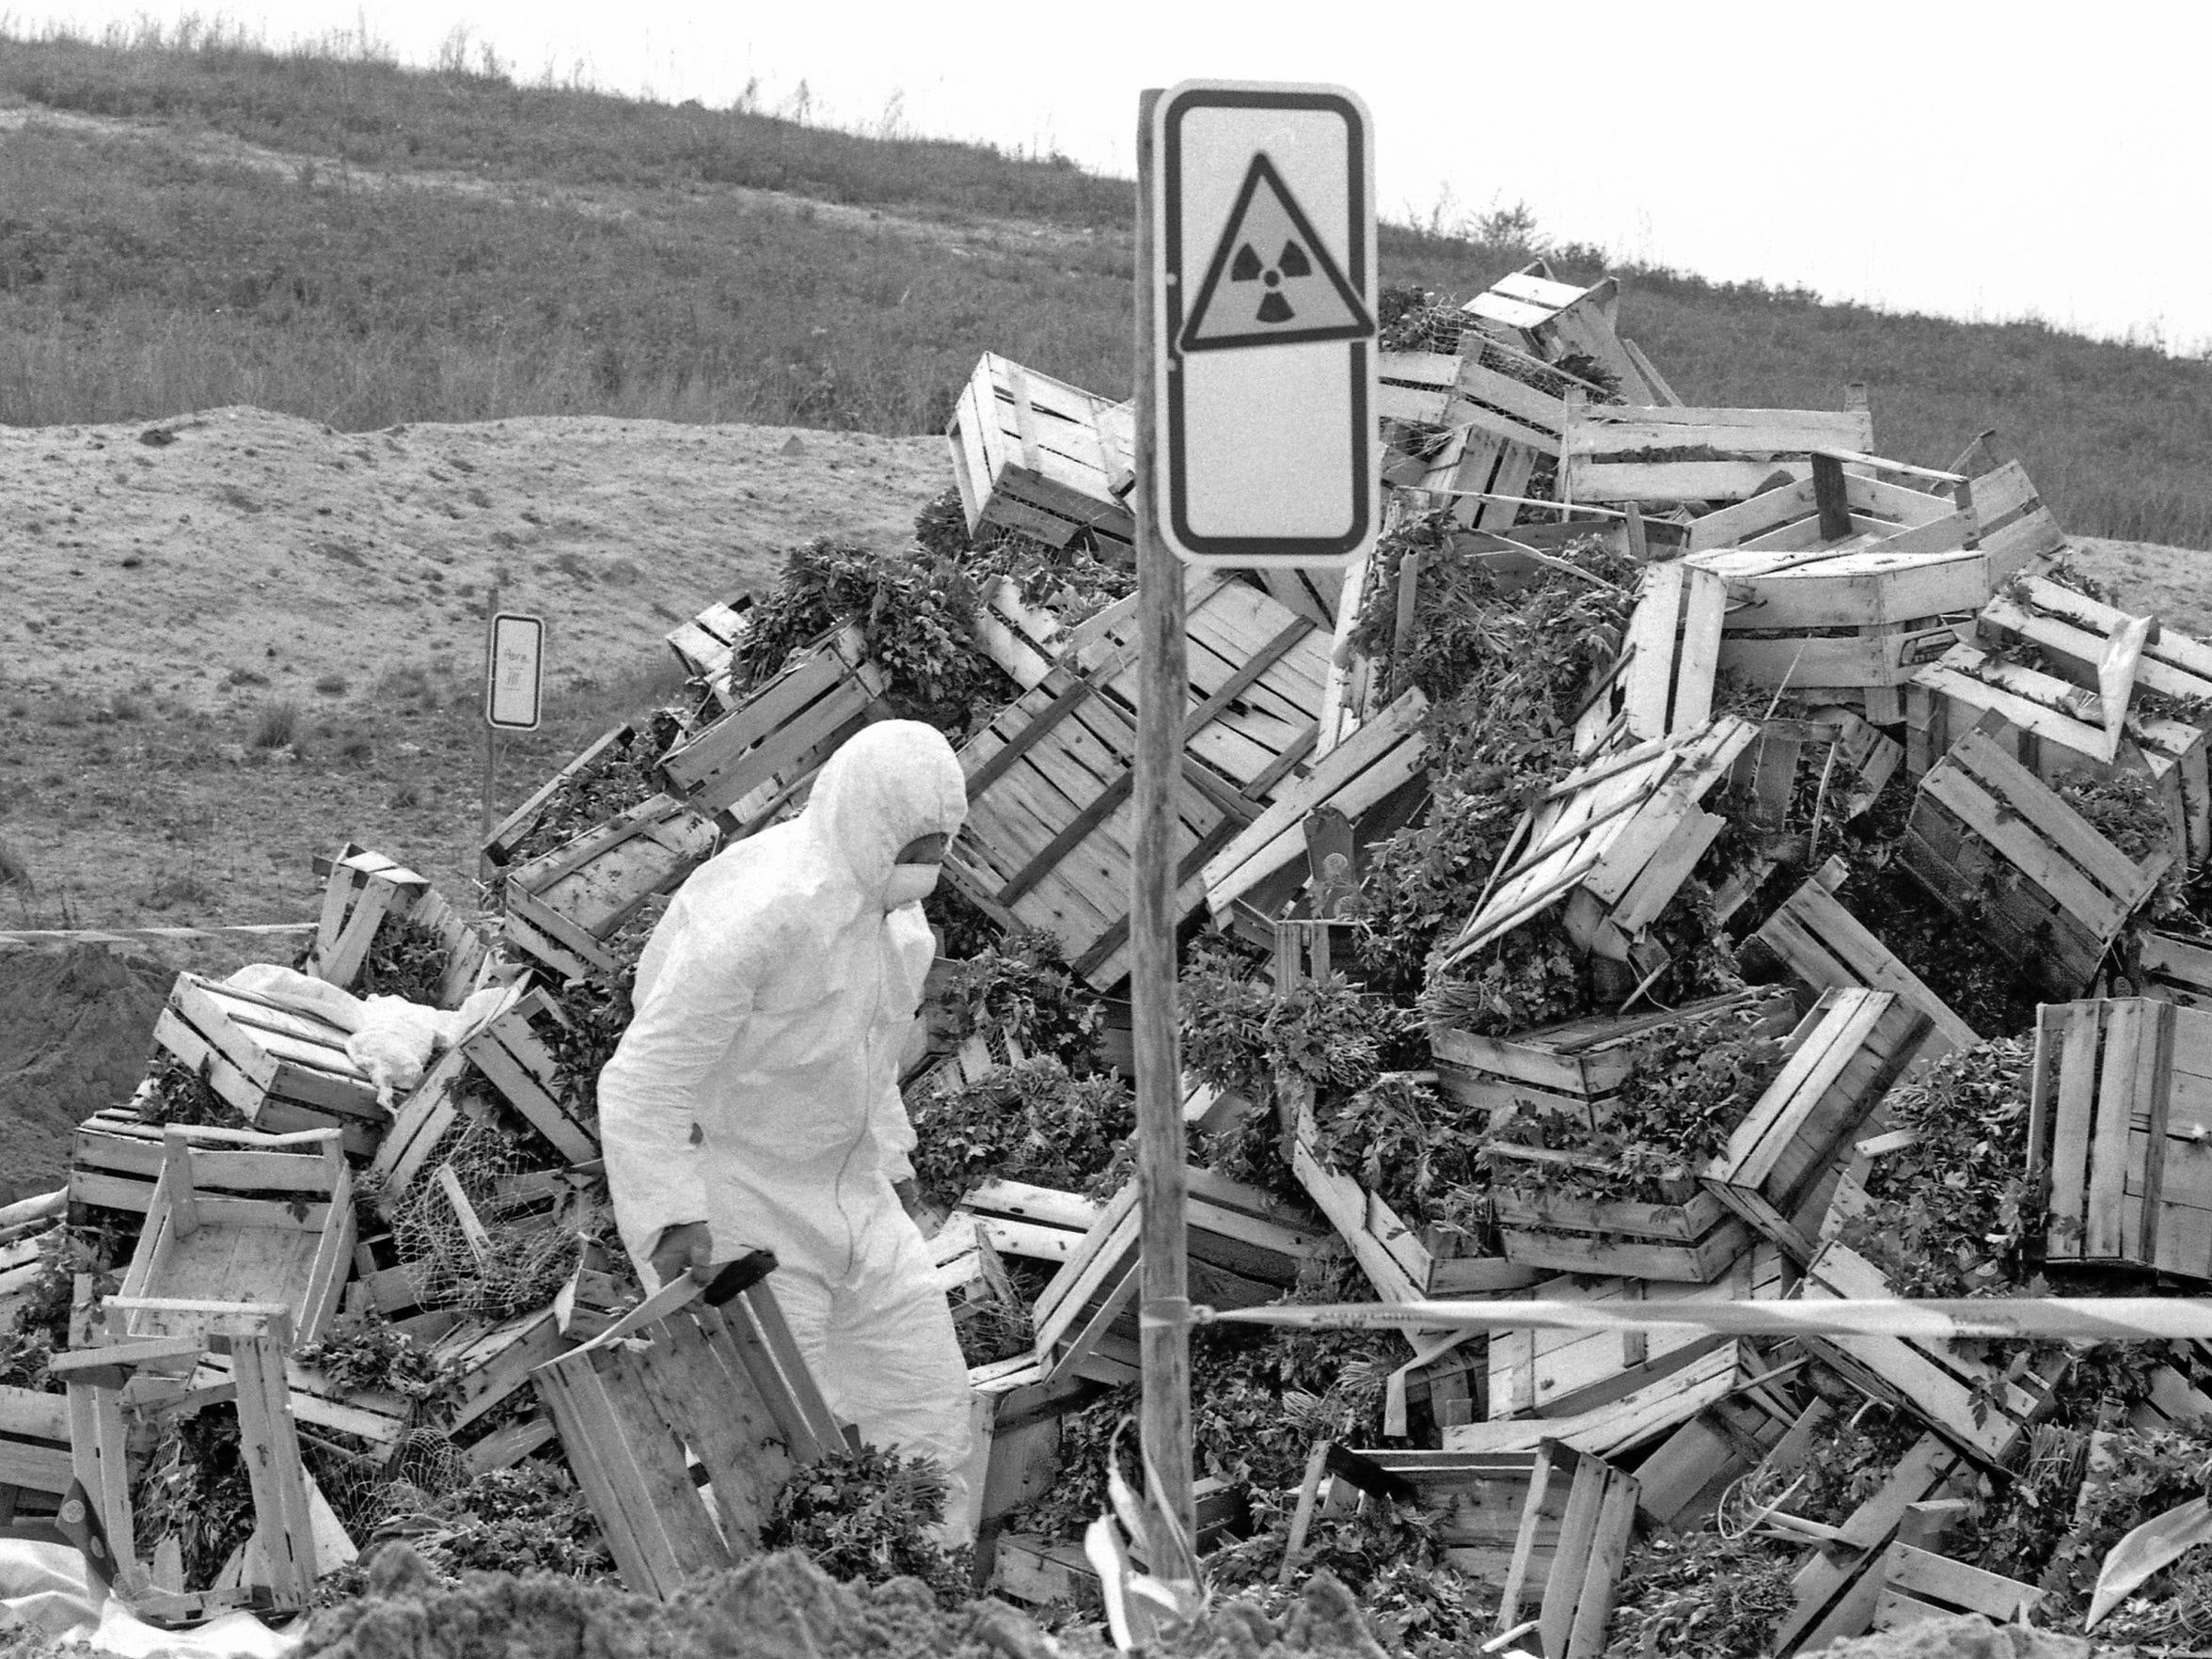 chernobyl - photo #3